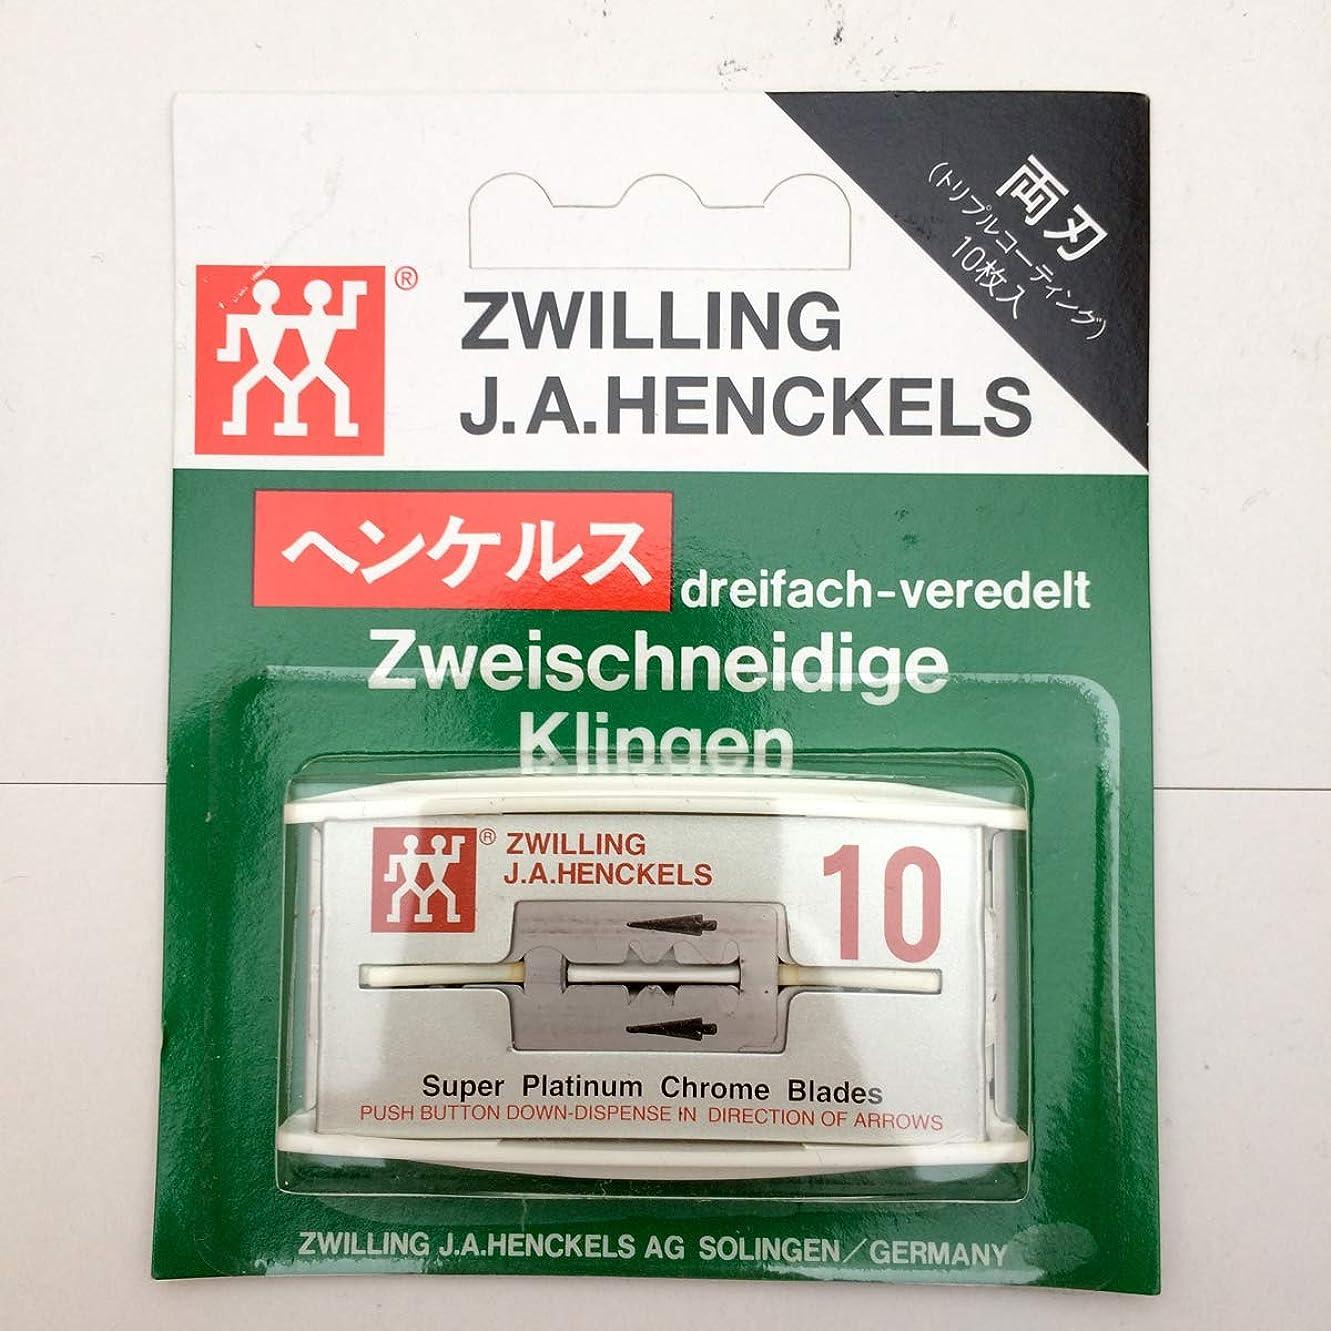 レベルあなたが良くなります従事する【ヴィンテージ品?数量限定】ツヴィリング J.A. ヘンケルス 両刃 カミソリ 剃刀 替刃 3層コート 10枚入 未開封新品 Vintage 10 Zwilling J.A. Henckels double edge razor blades